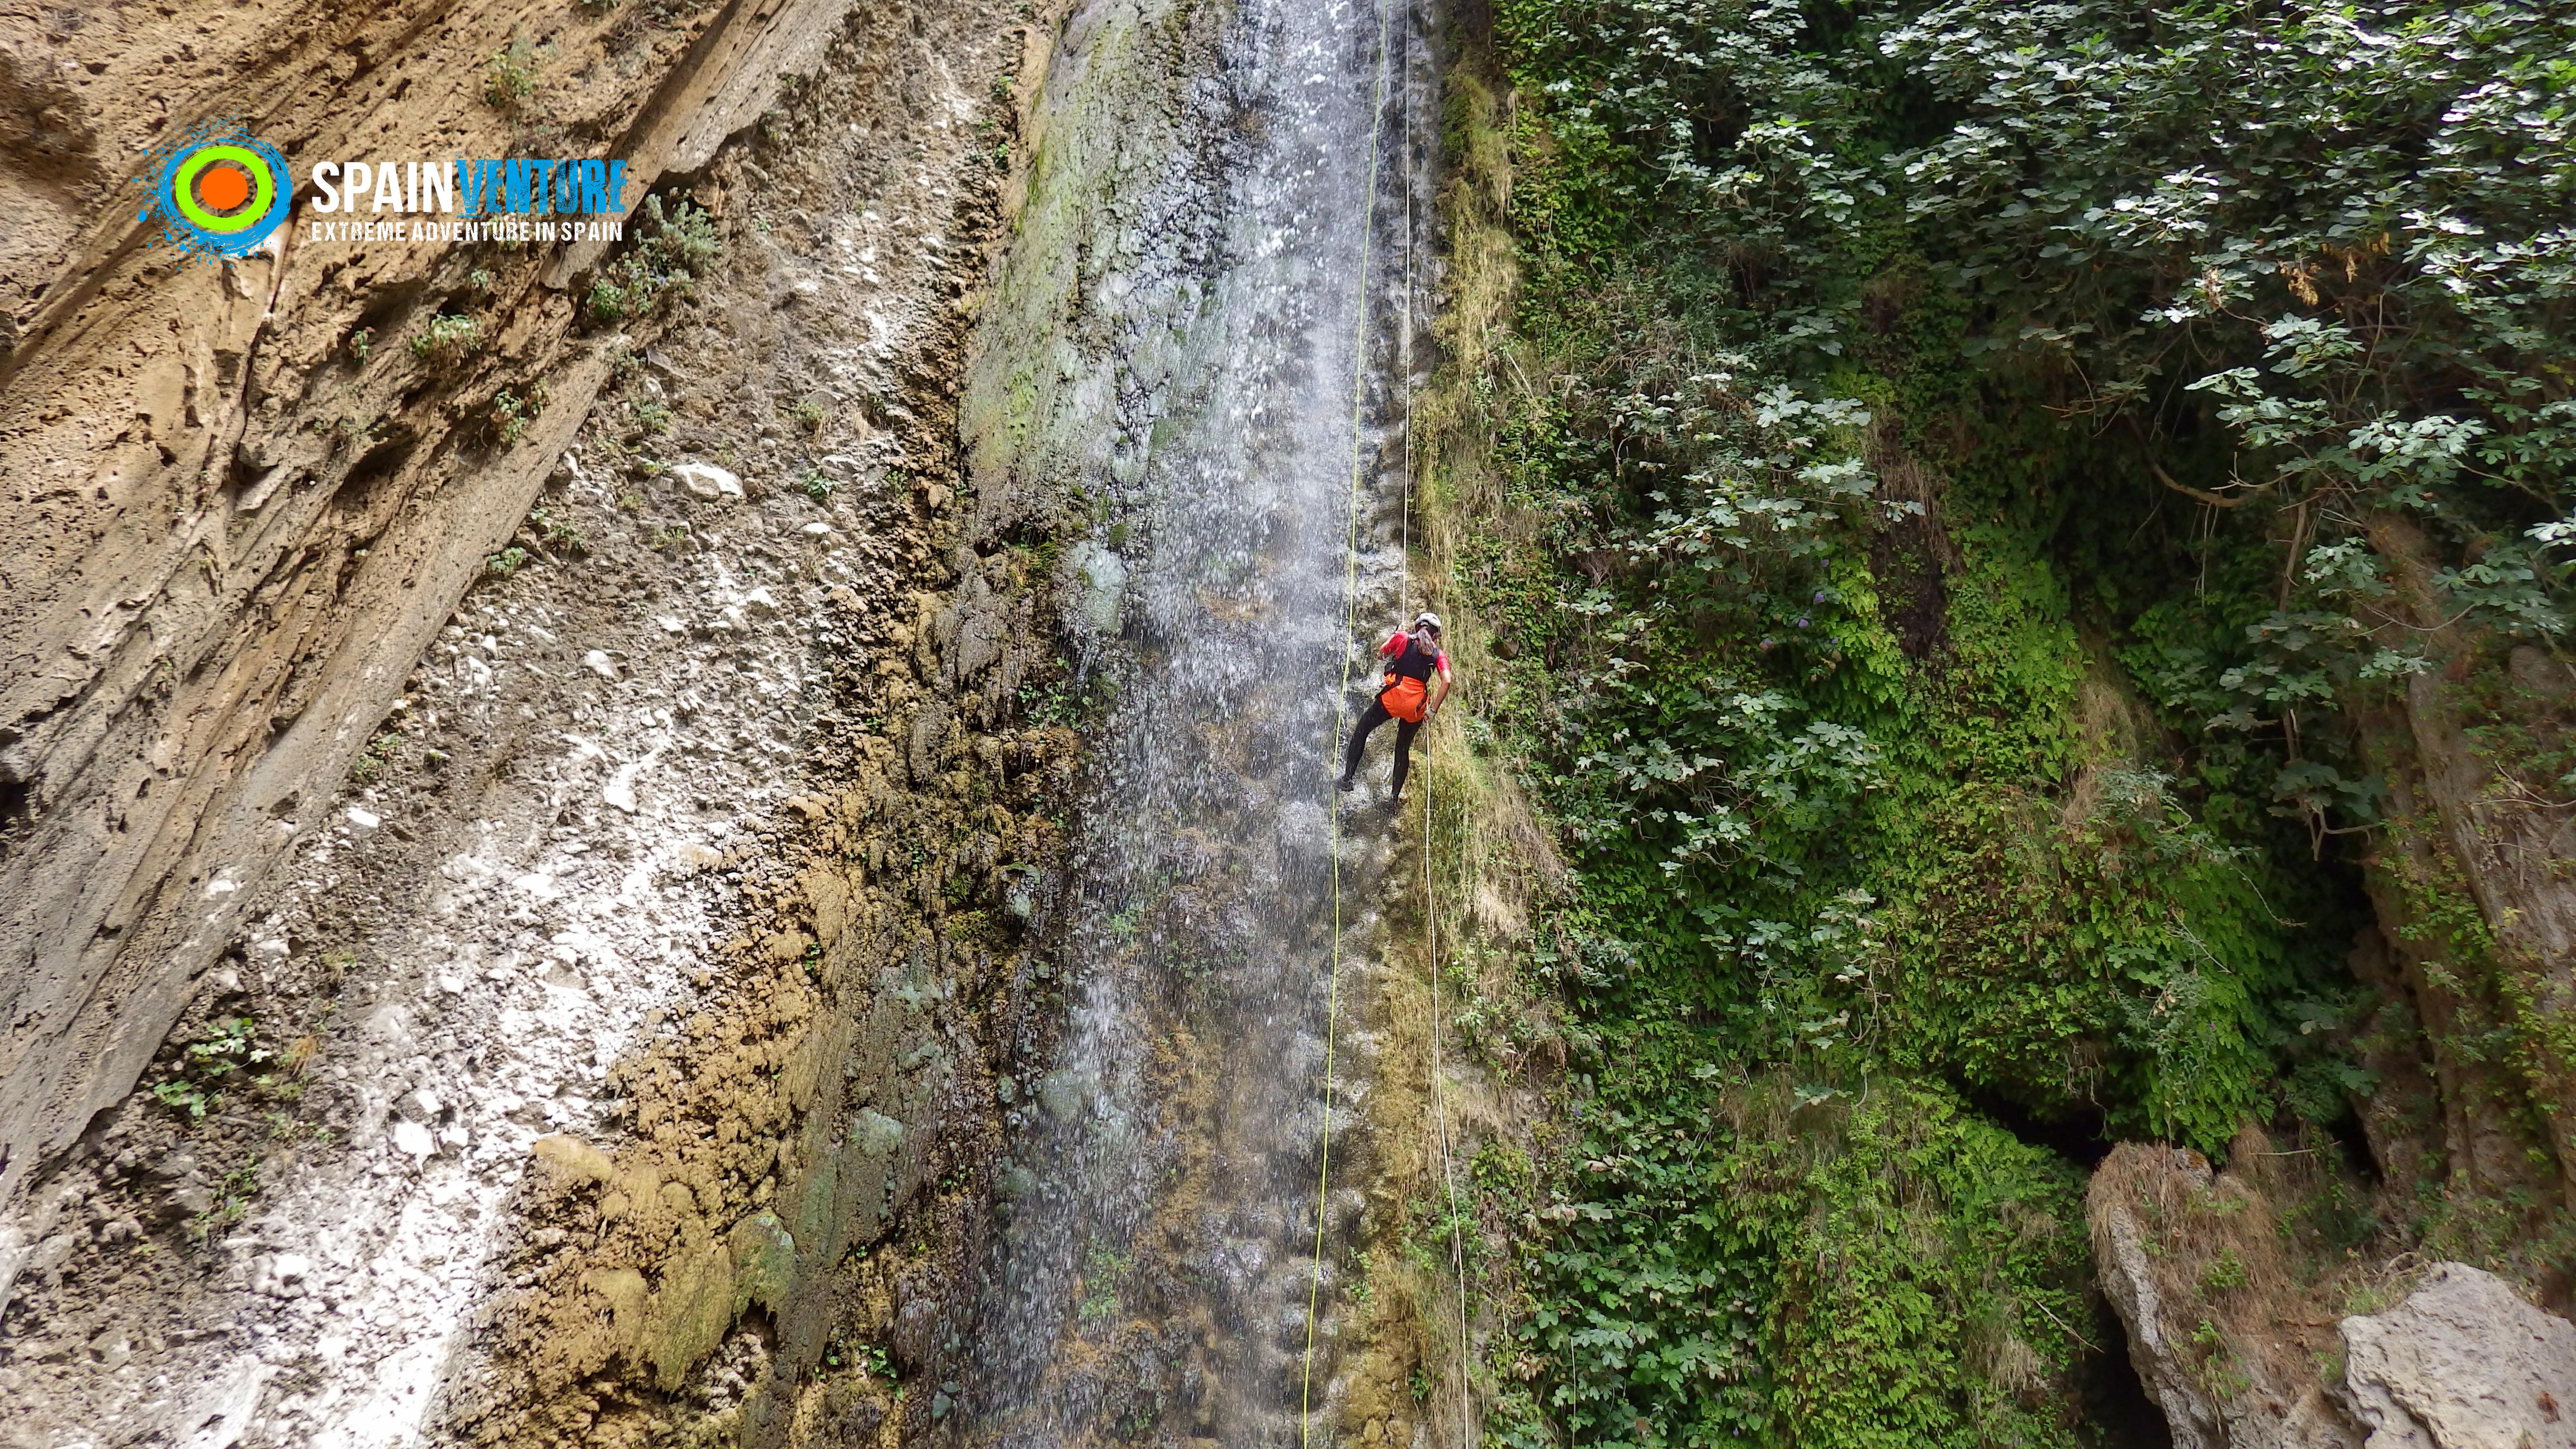 Spainventure Caminito del Rey Barranquismo en Ronda Rapel en la cascada Canyoning & Rappeling